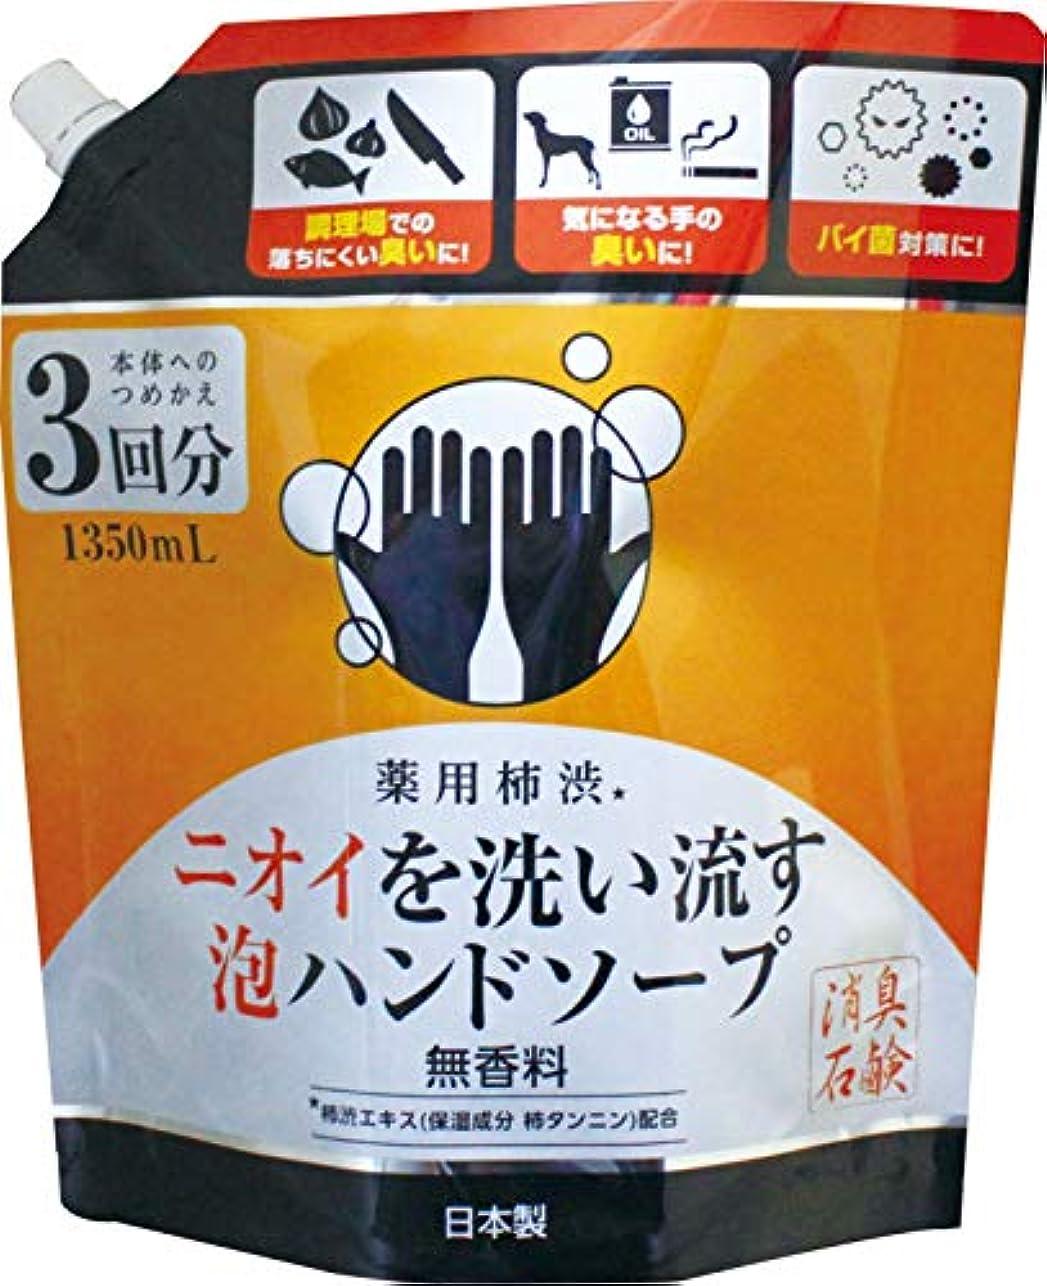 むちゃくちゃケージインスタント薬用柿渋ニオイを洗い流す泡ハンドソープつめかえ大容量 詰替え用 1350ml